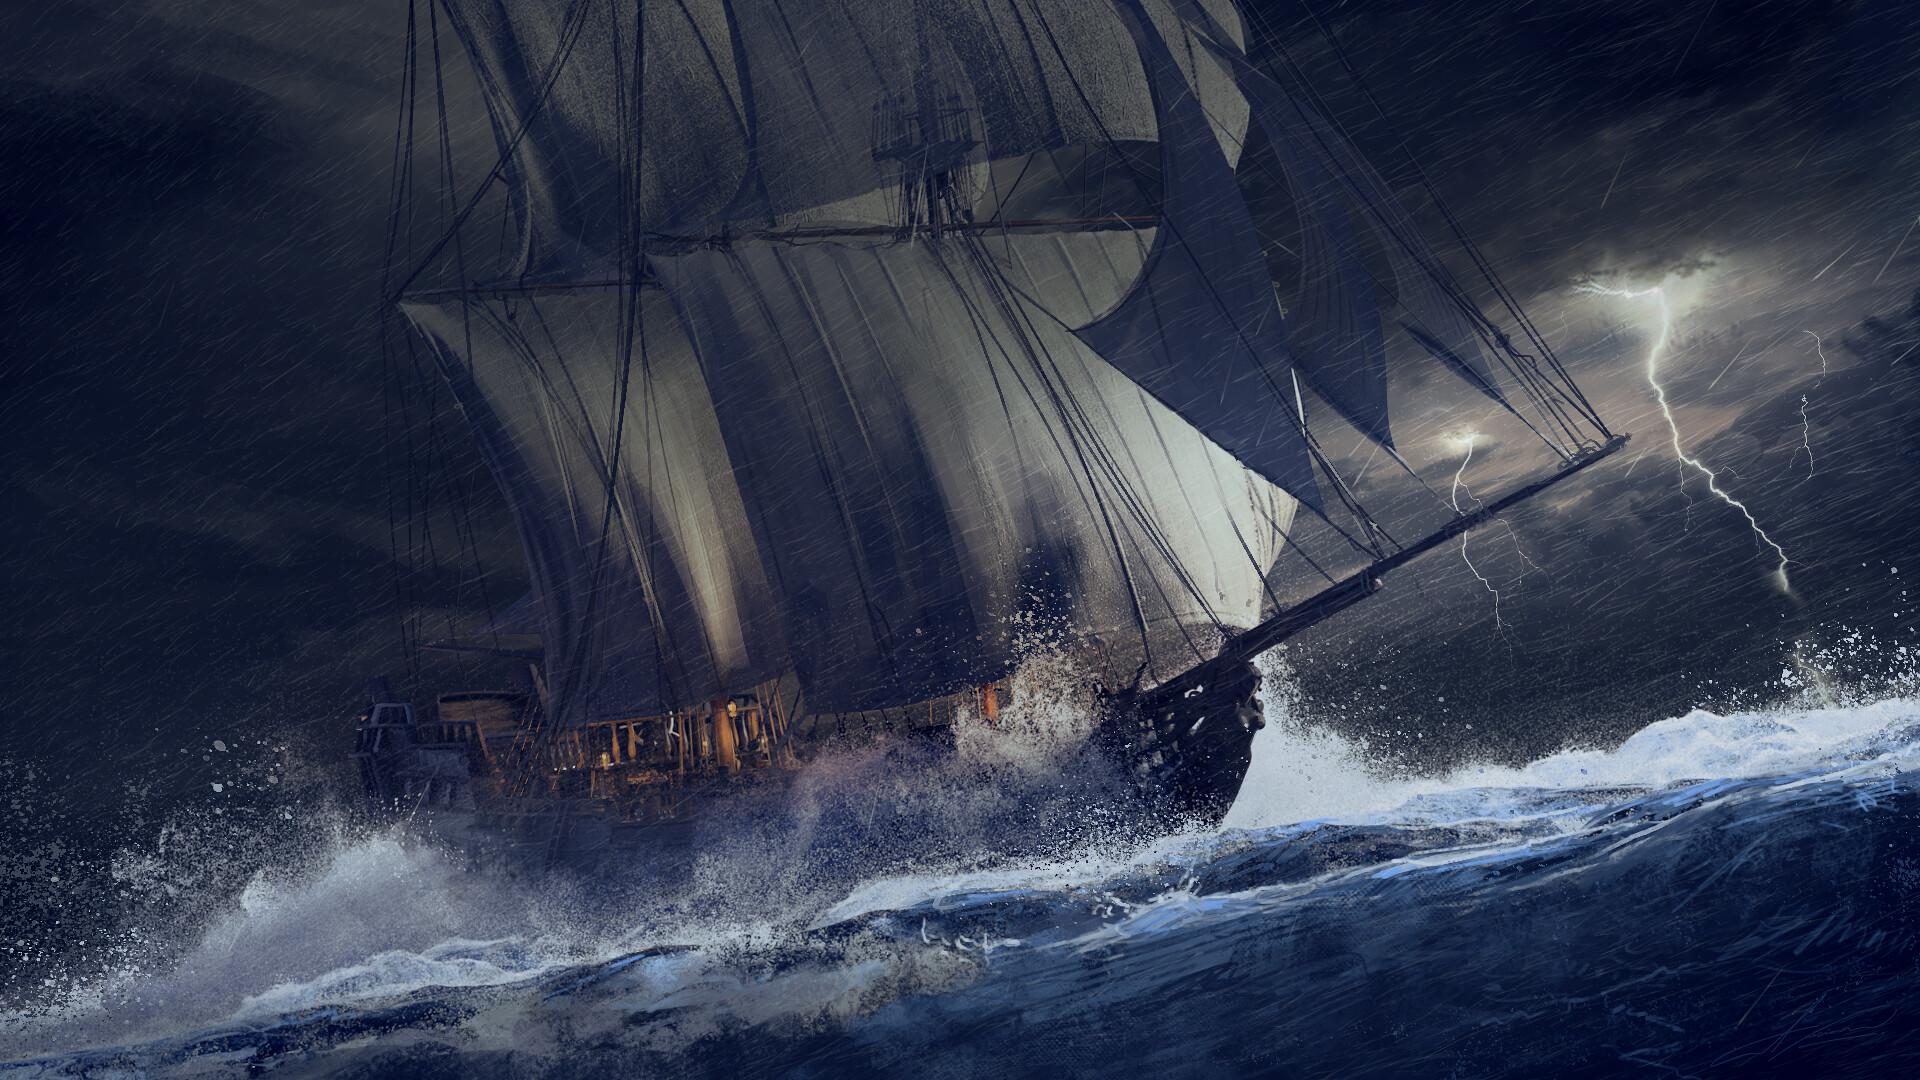 картинки пиратских парусников в шторм проволку клей